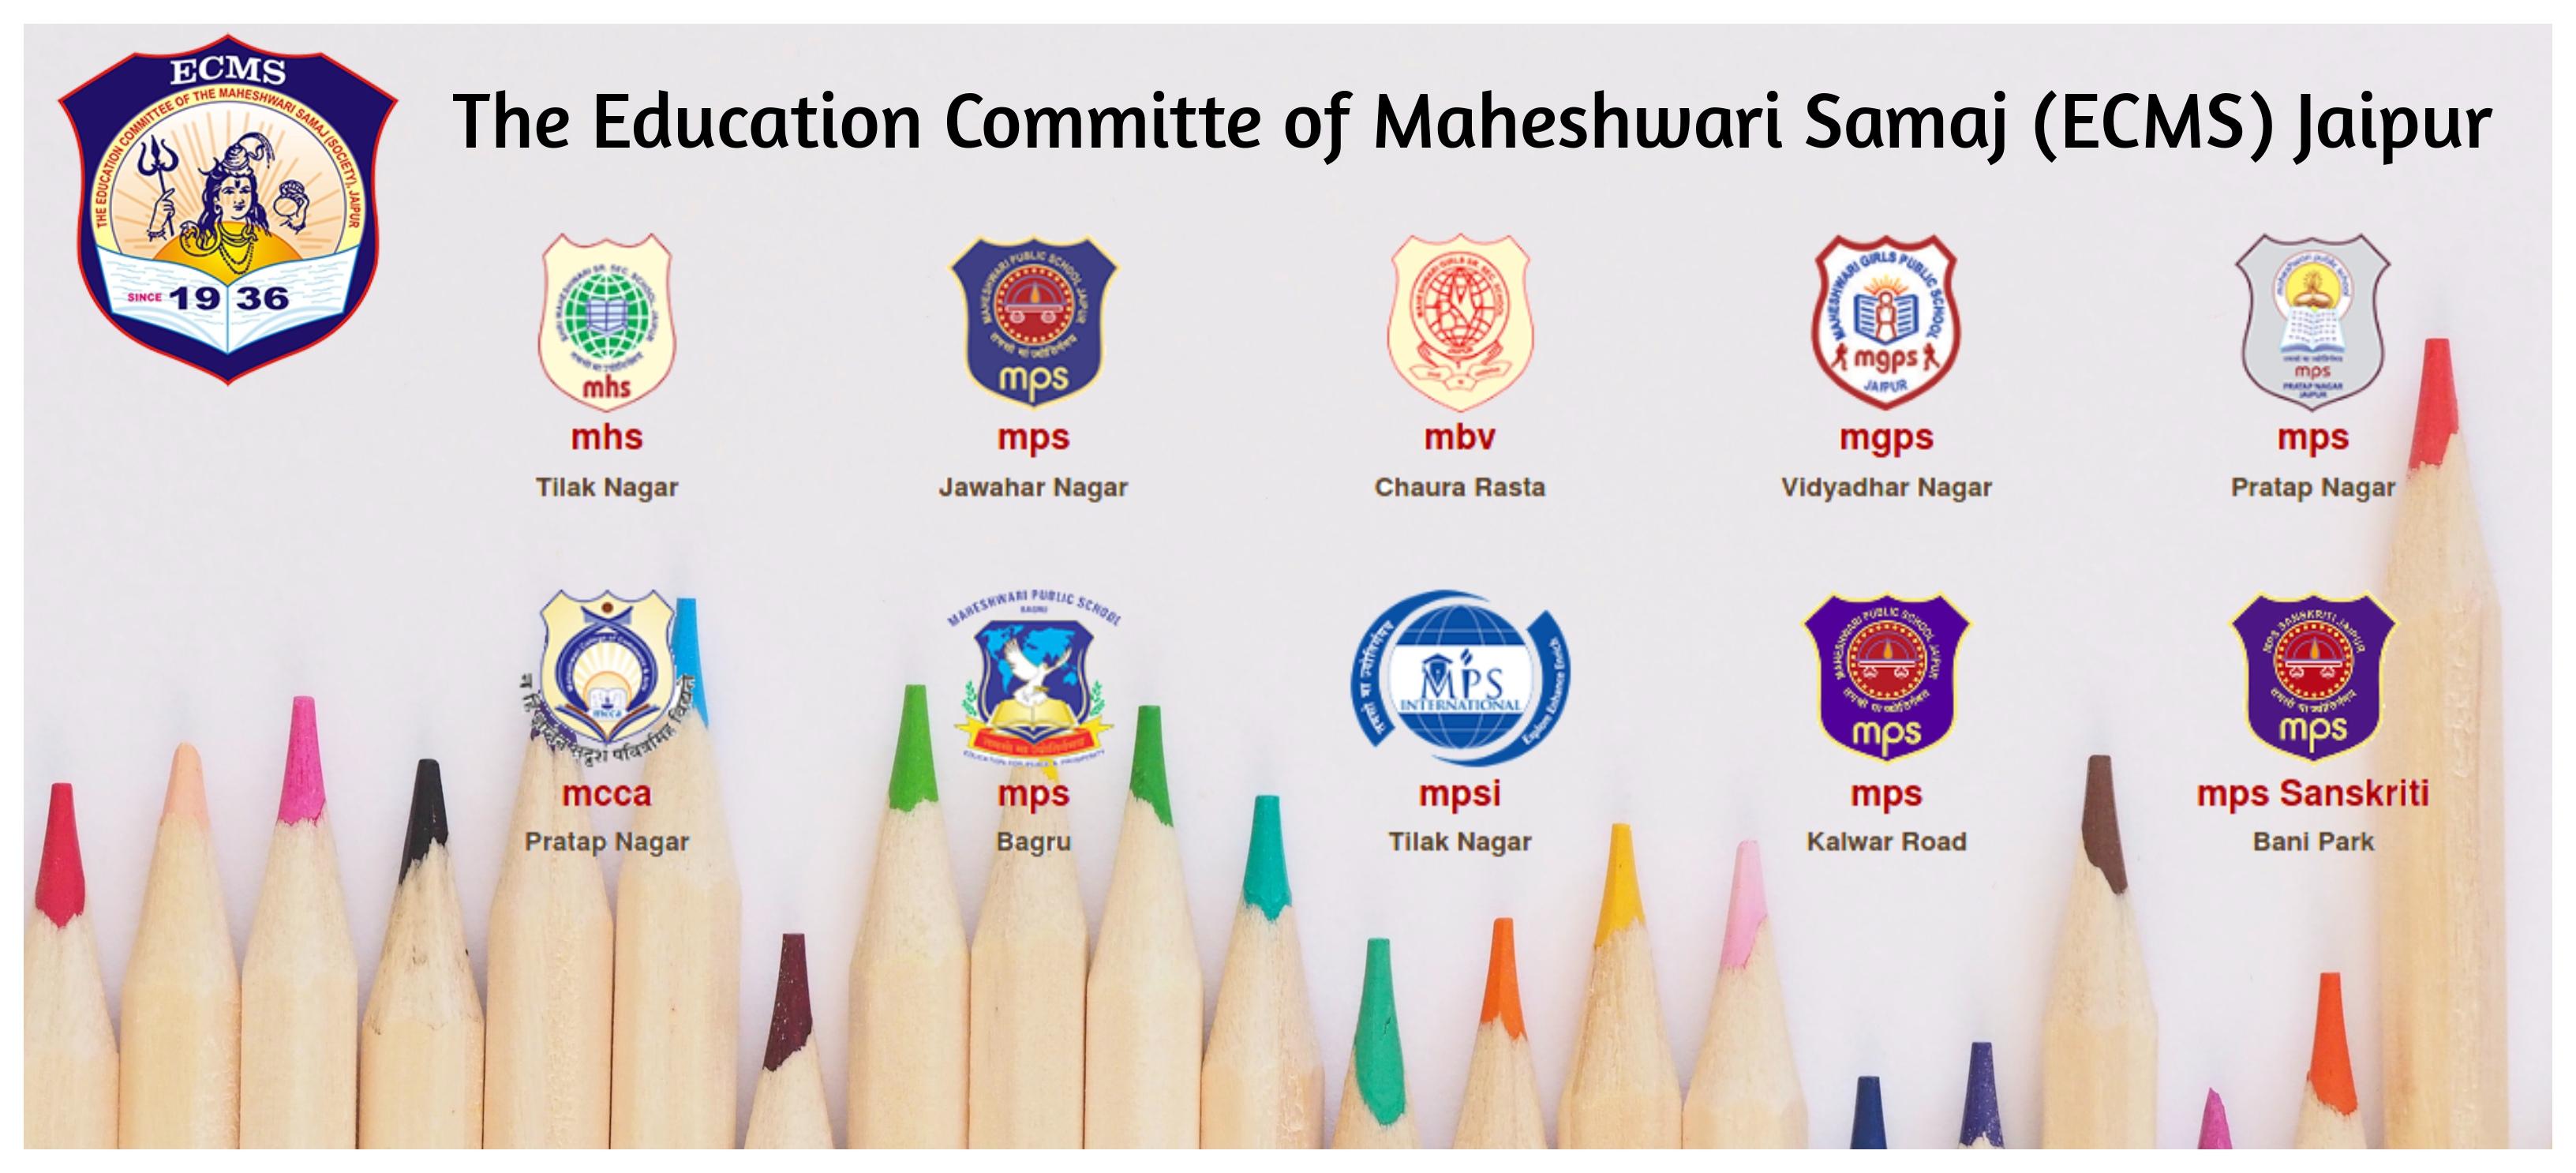 The Education Committe of Maheshwari Samaj Jaipur